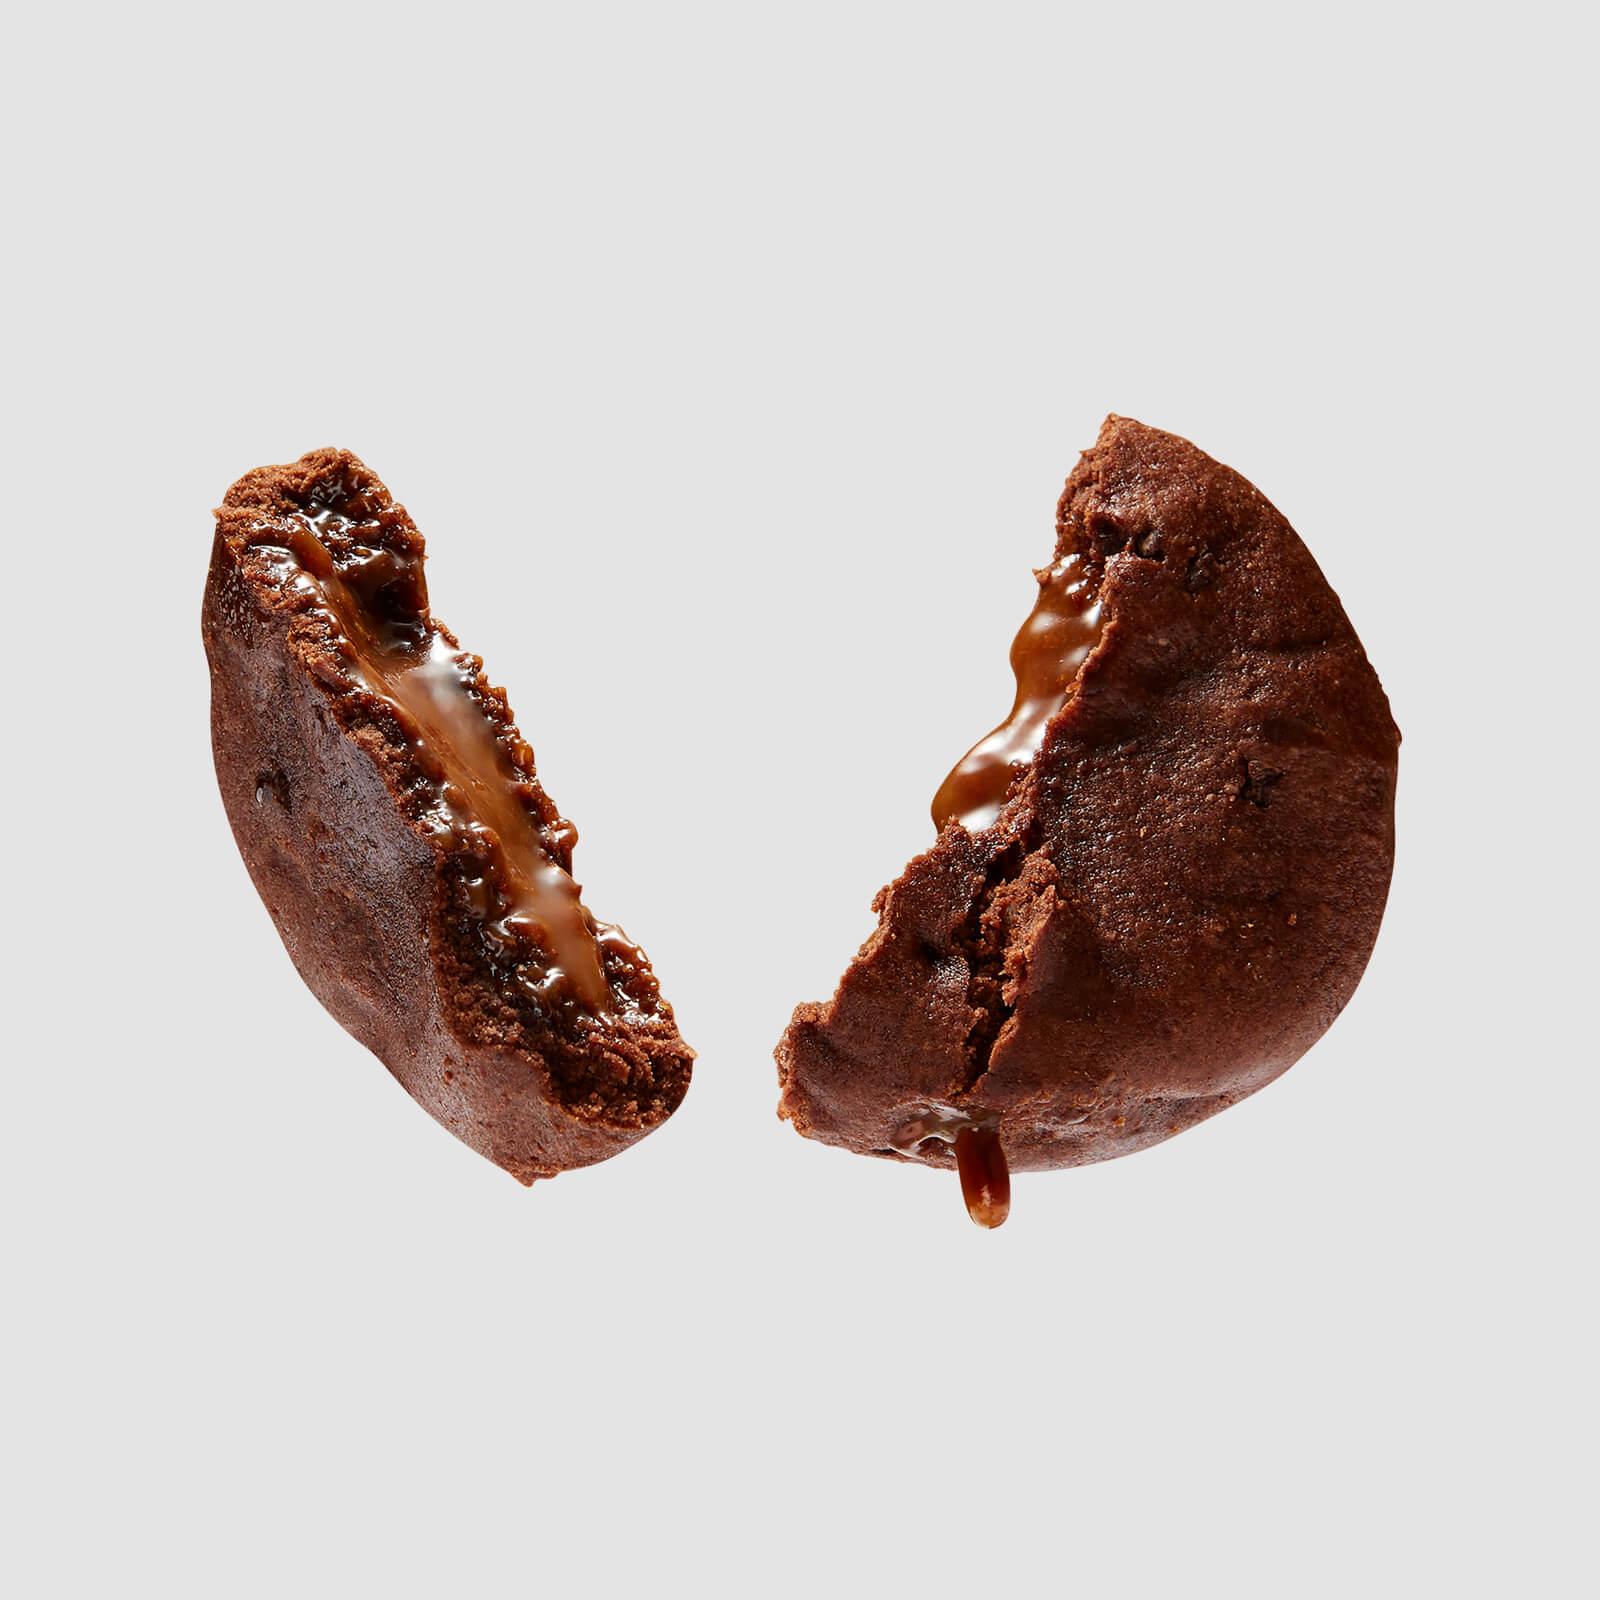 Myprotein Cookie protéiné fourré - Double Chocolat & Caramel